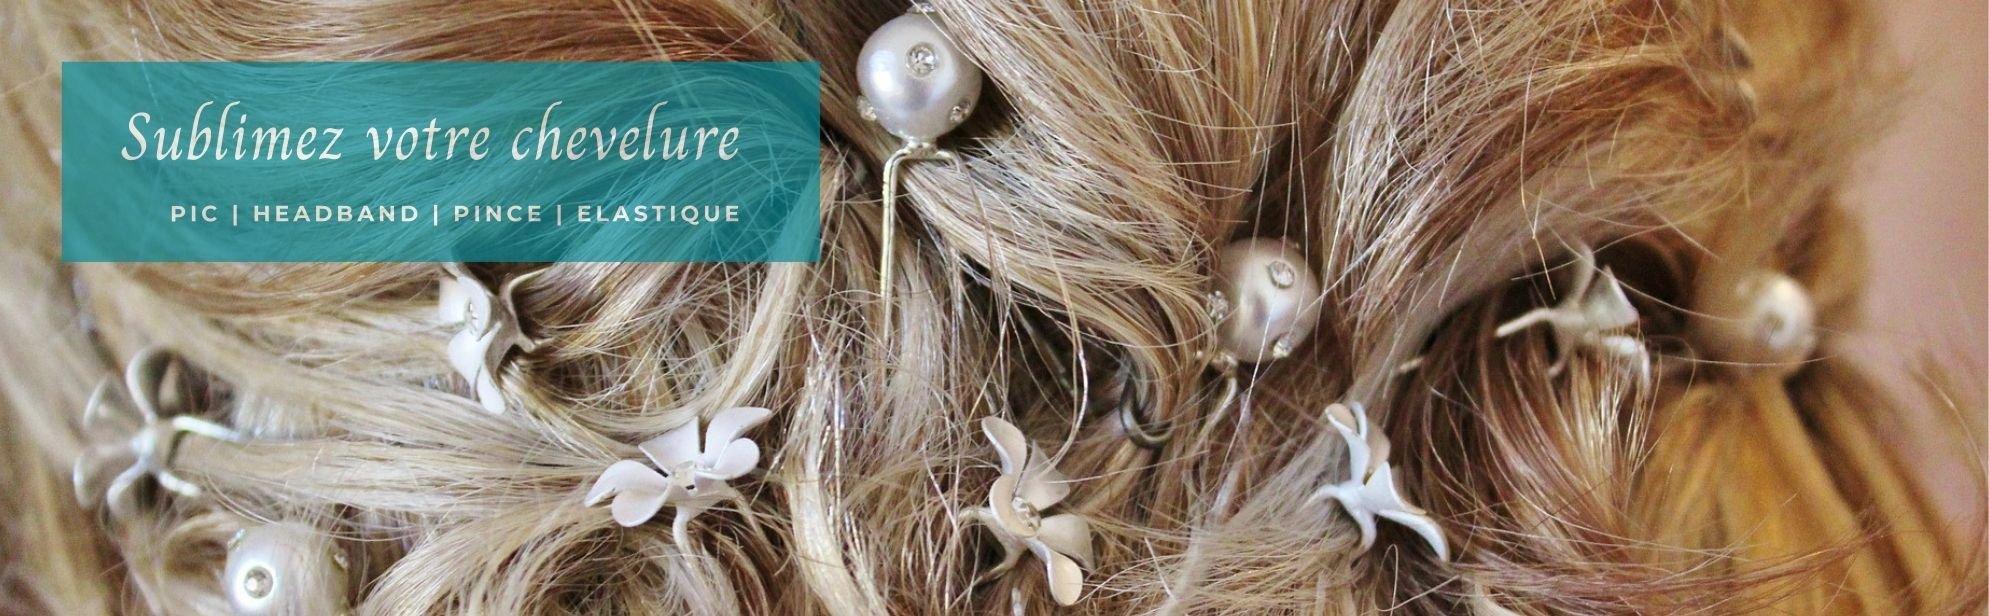 Accessoires pour cheveux bijoux fantaisie